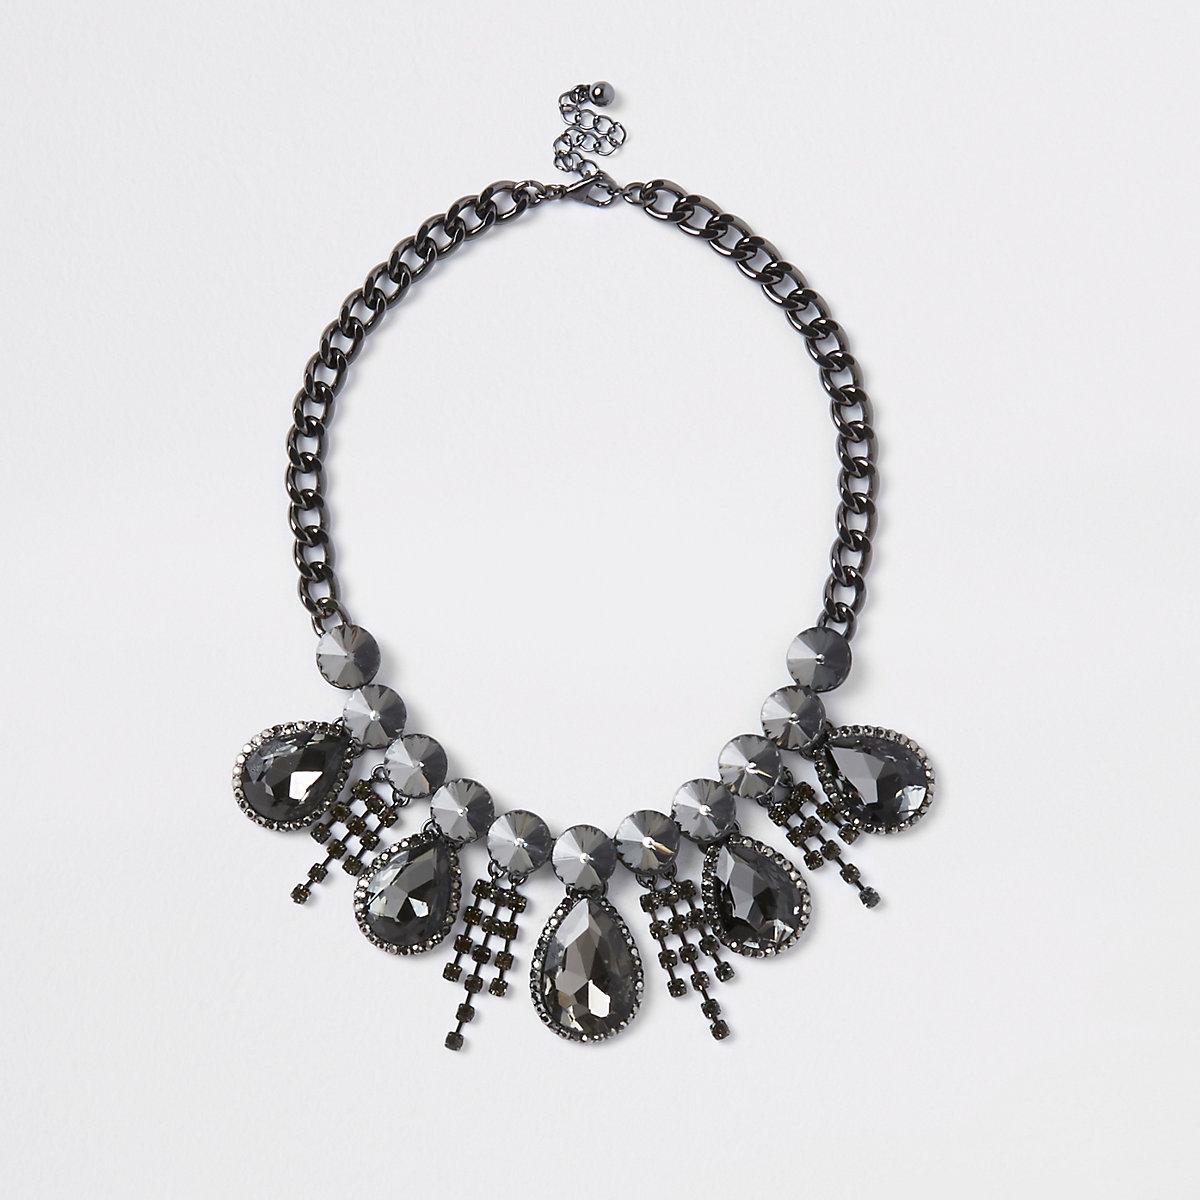 Zwarte ketting met druppelvormig diamantje